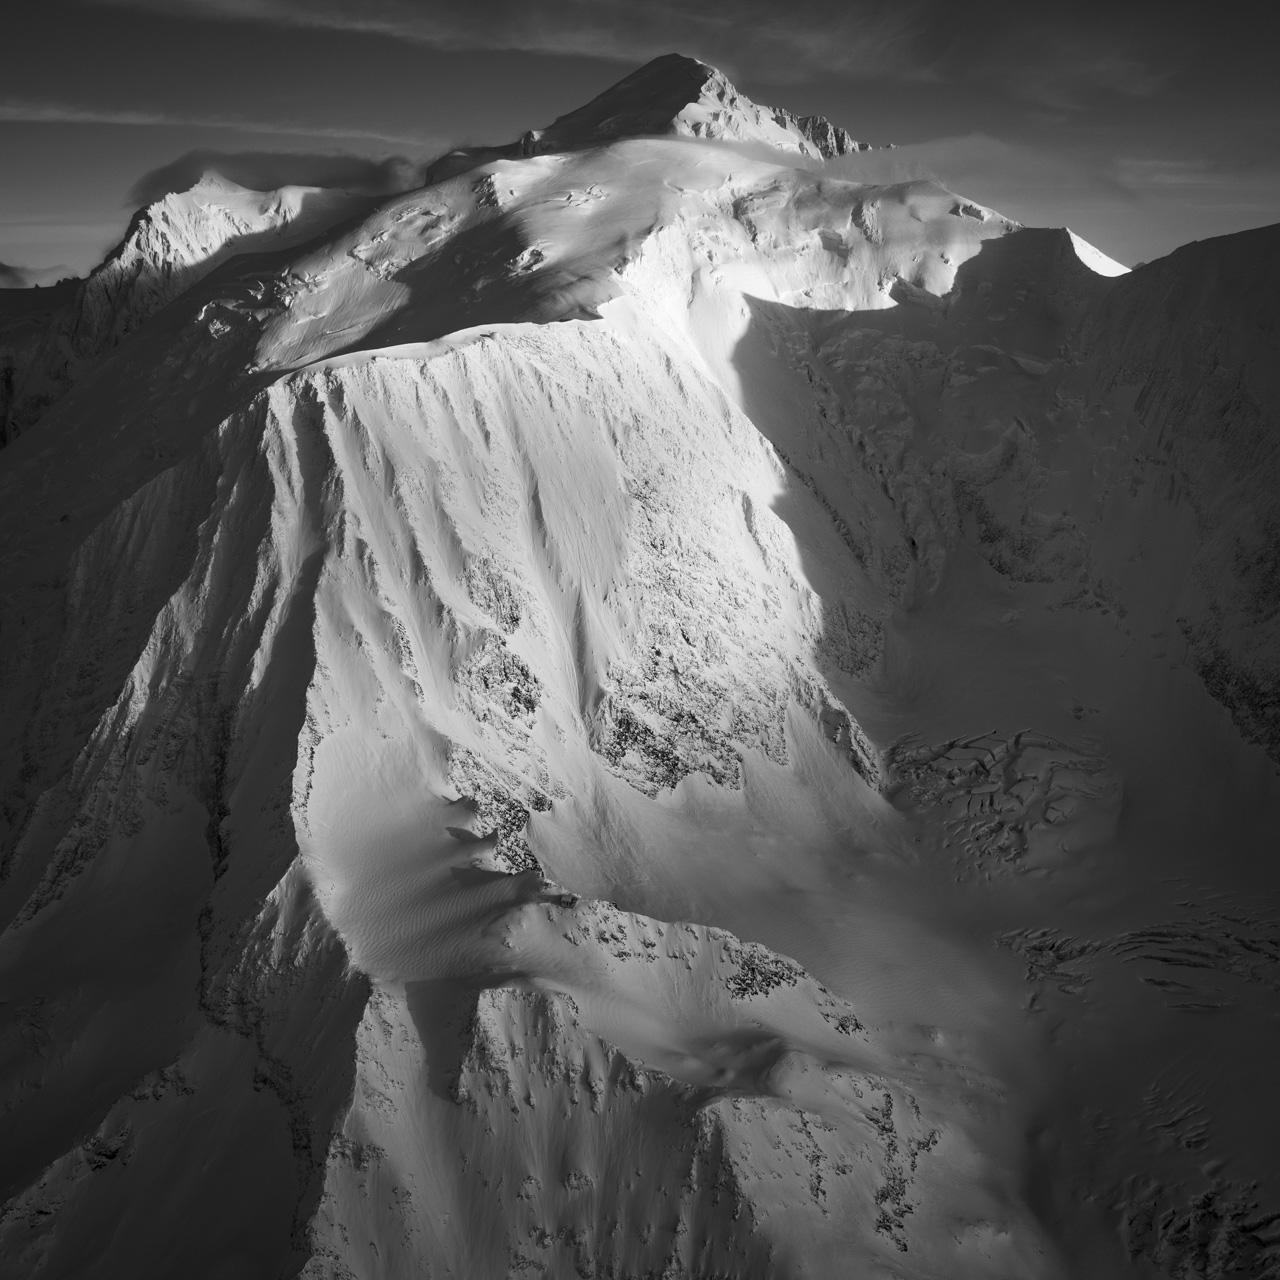 Photo du Mont-Blanc - Voie normal du Mont-Blanc par le Goûter - Refuge de Tête Rousse - Couloir du Goûter - Refuge du Goûter - Dome du Goûter - Vue aérienne du Mont-Blanc